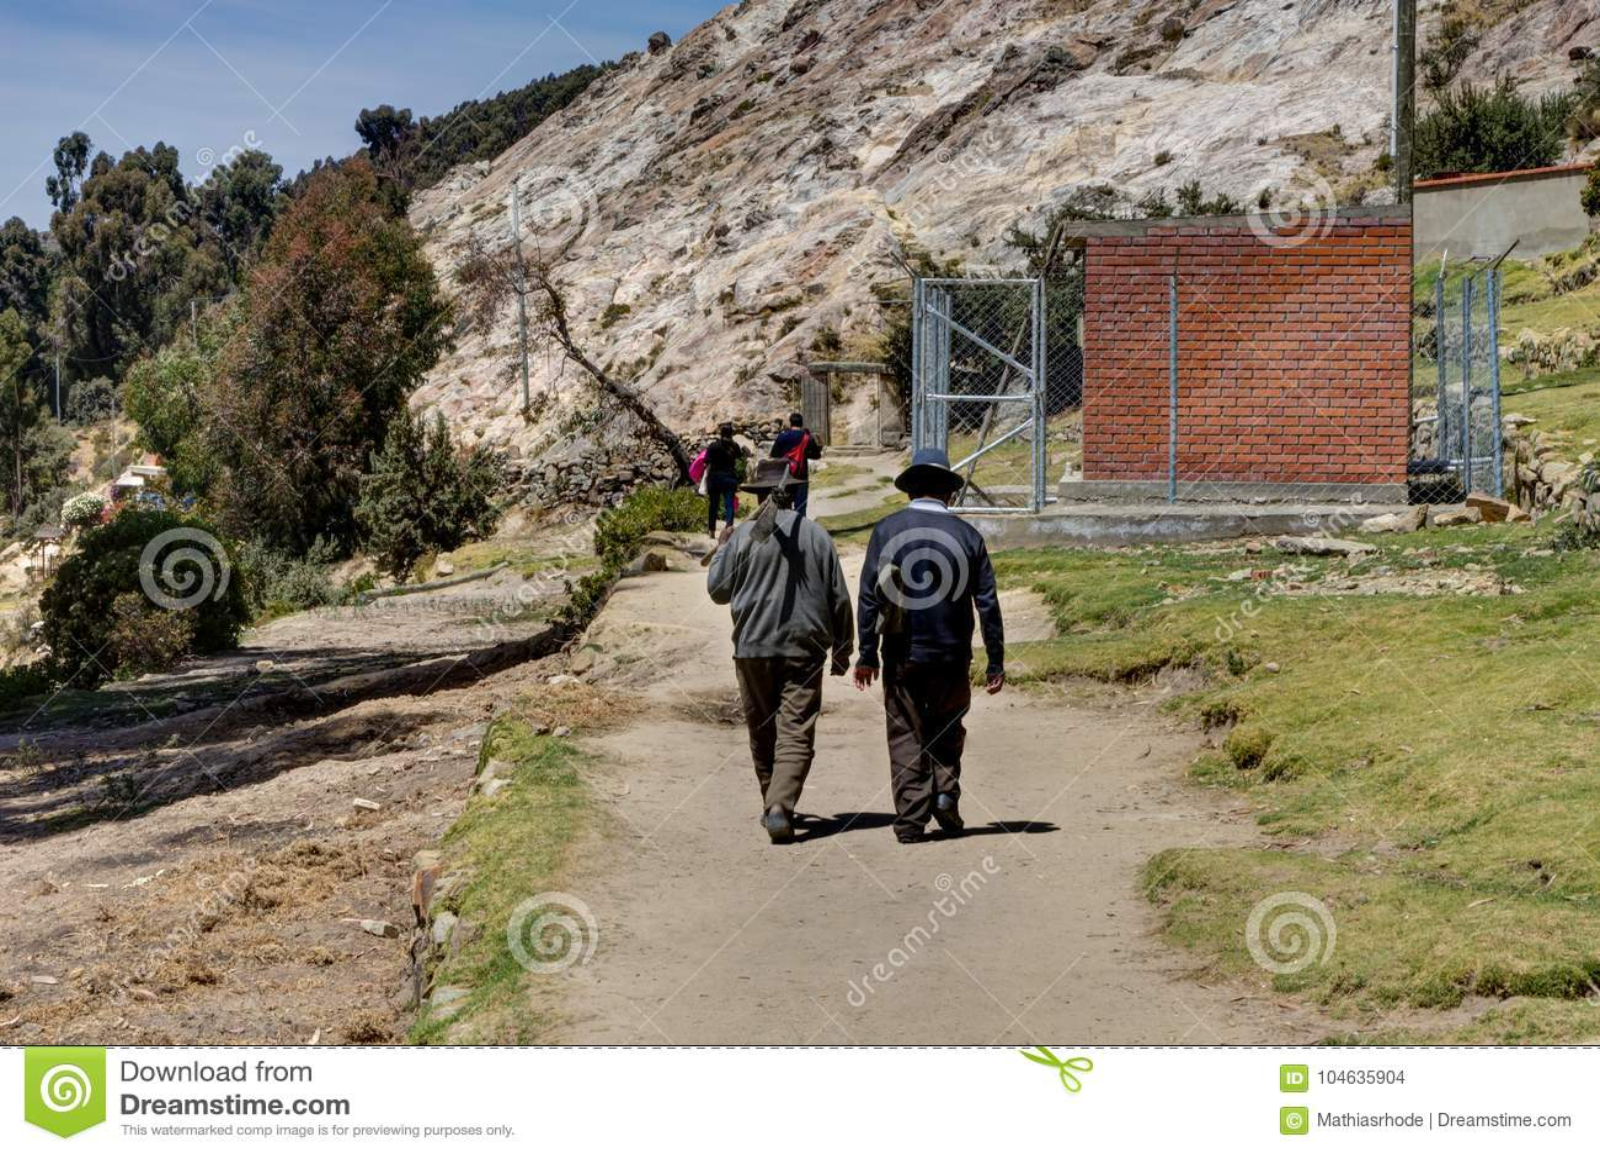 Download Twee Het Oude Meer Titicaca Van Mensenla Isla Del Sol Redactionele Stock Afbeelding - Afbeelding bestaande uit rots, amerika: 104635904